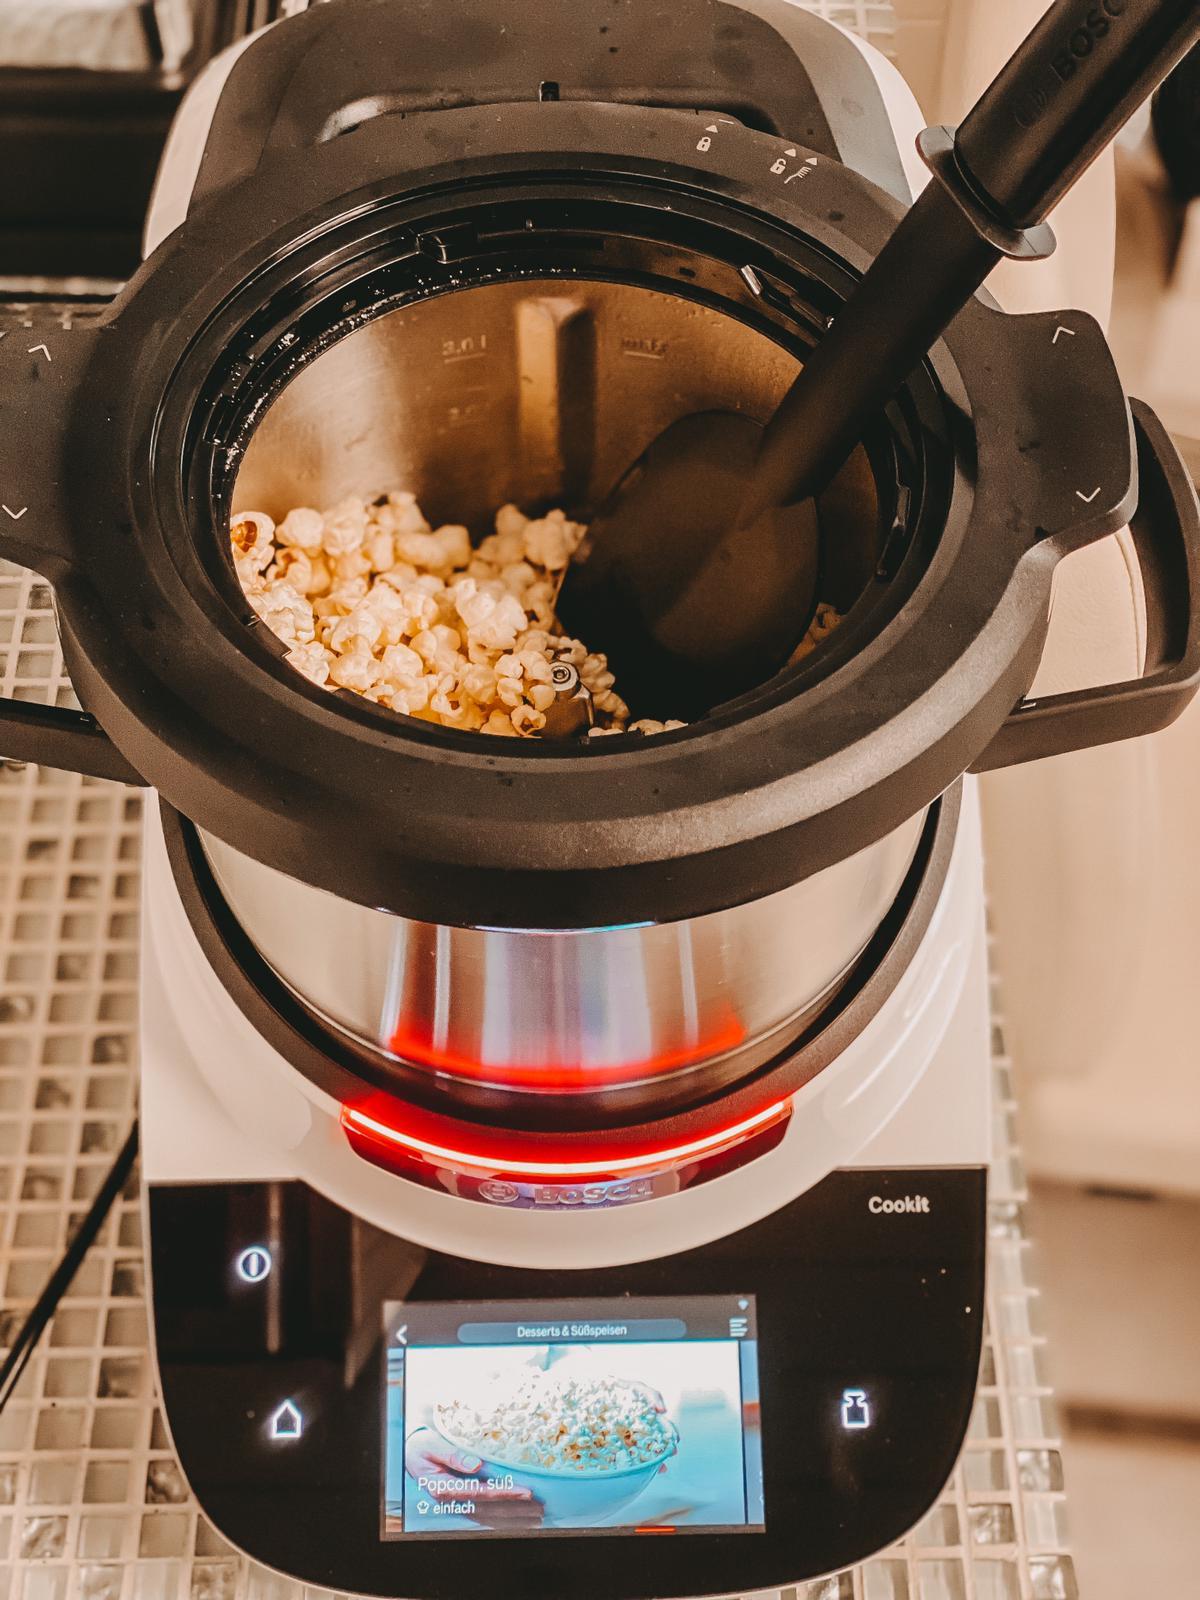 Einfache Bedienung Bosch Cookit